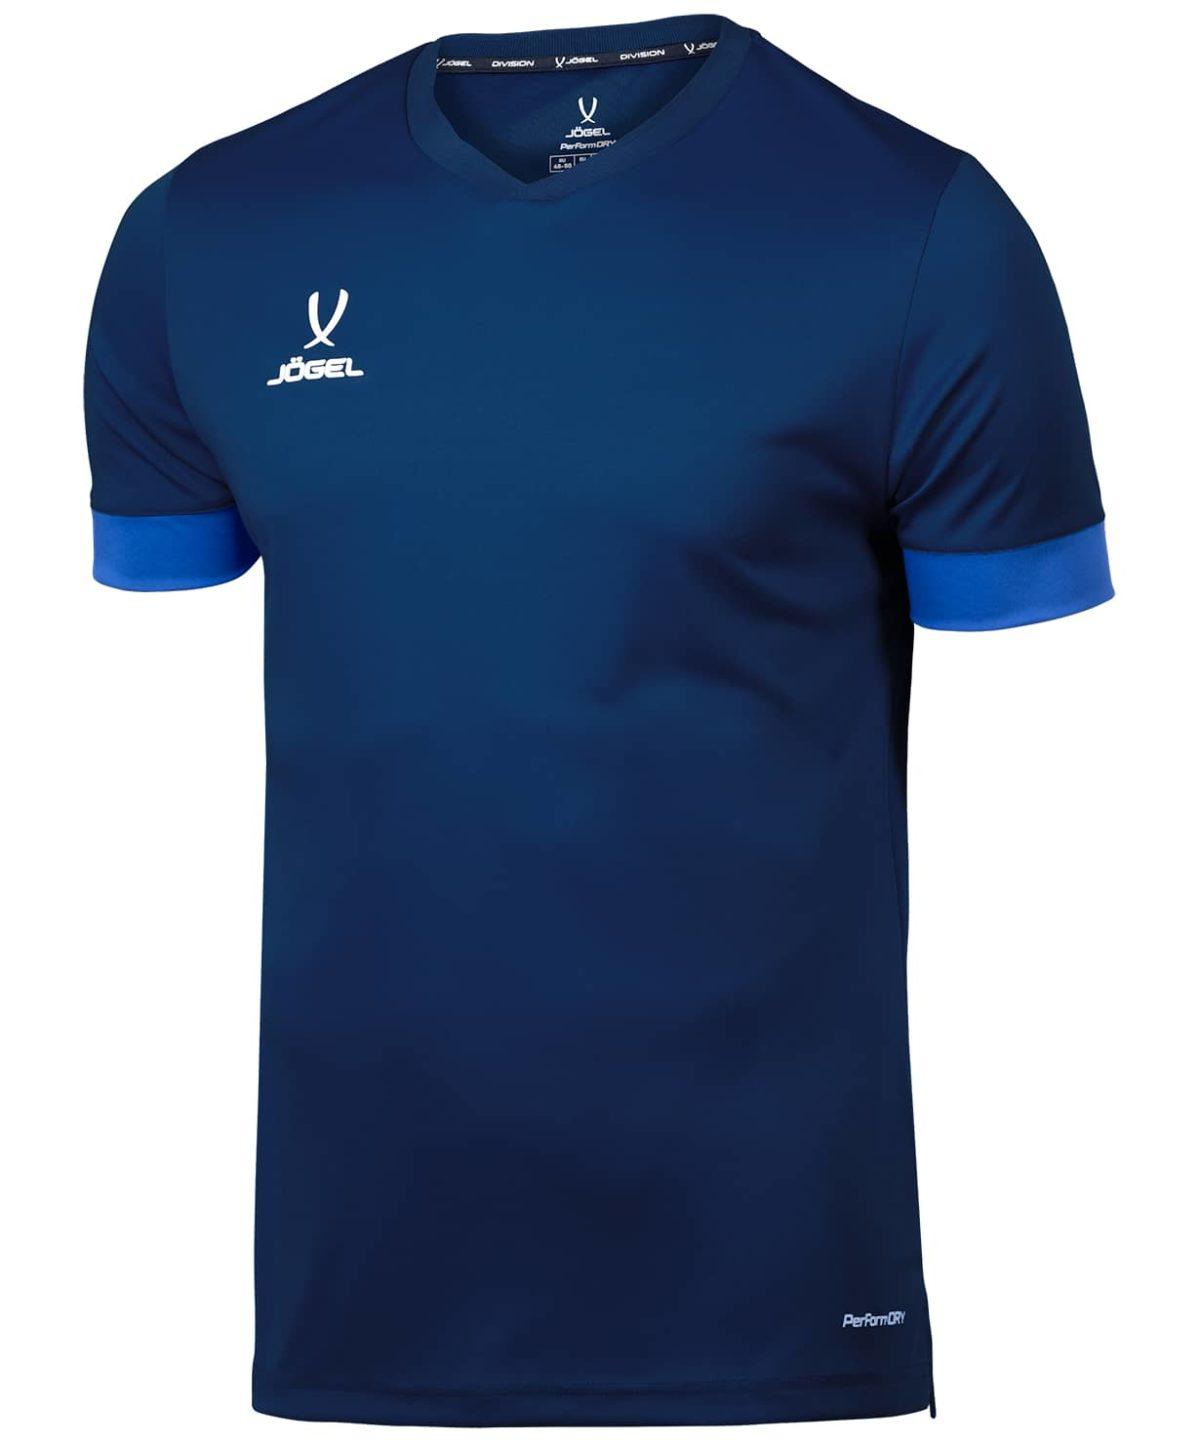 JOGEL DIVISION футболка футбольная детская  Union Jersey: т.синий/синий/белый - 1